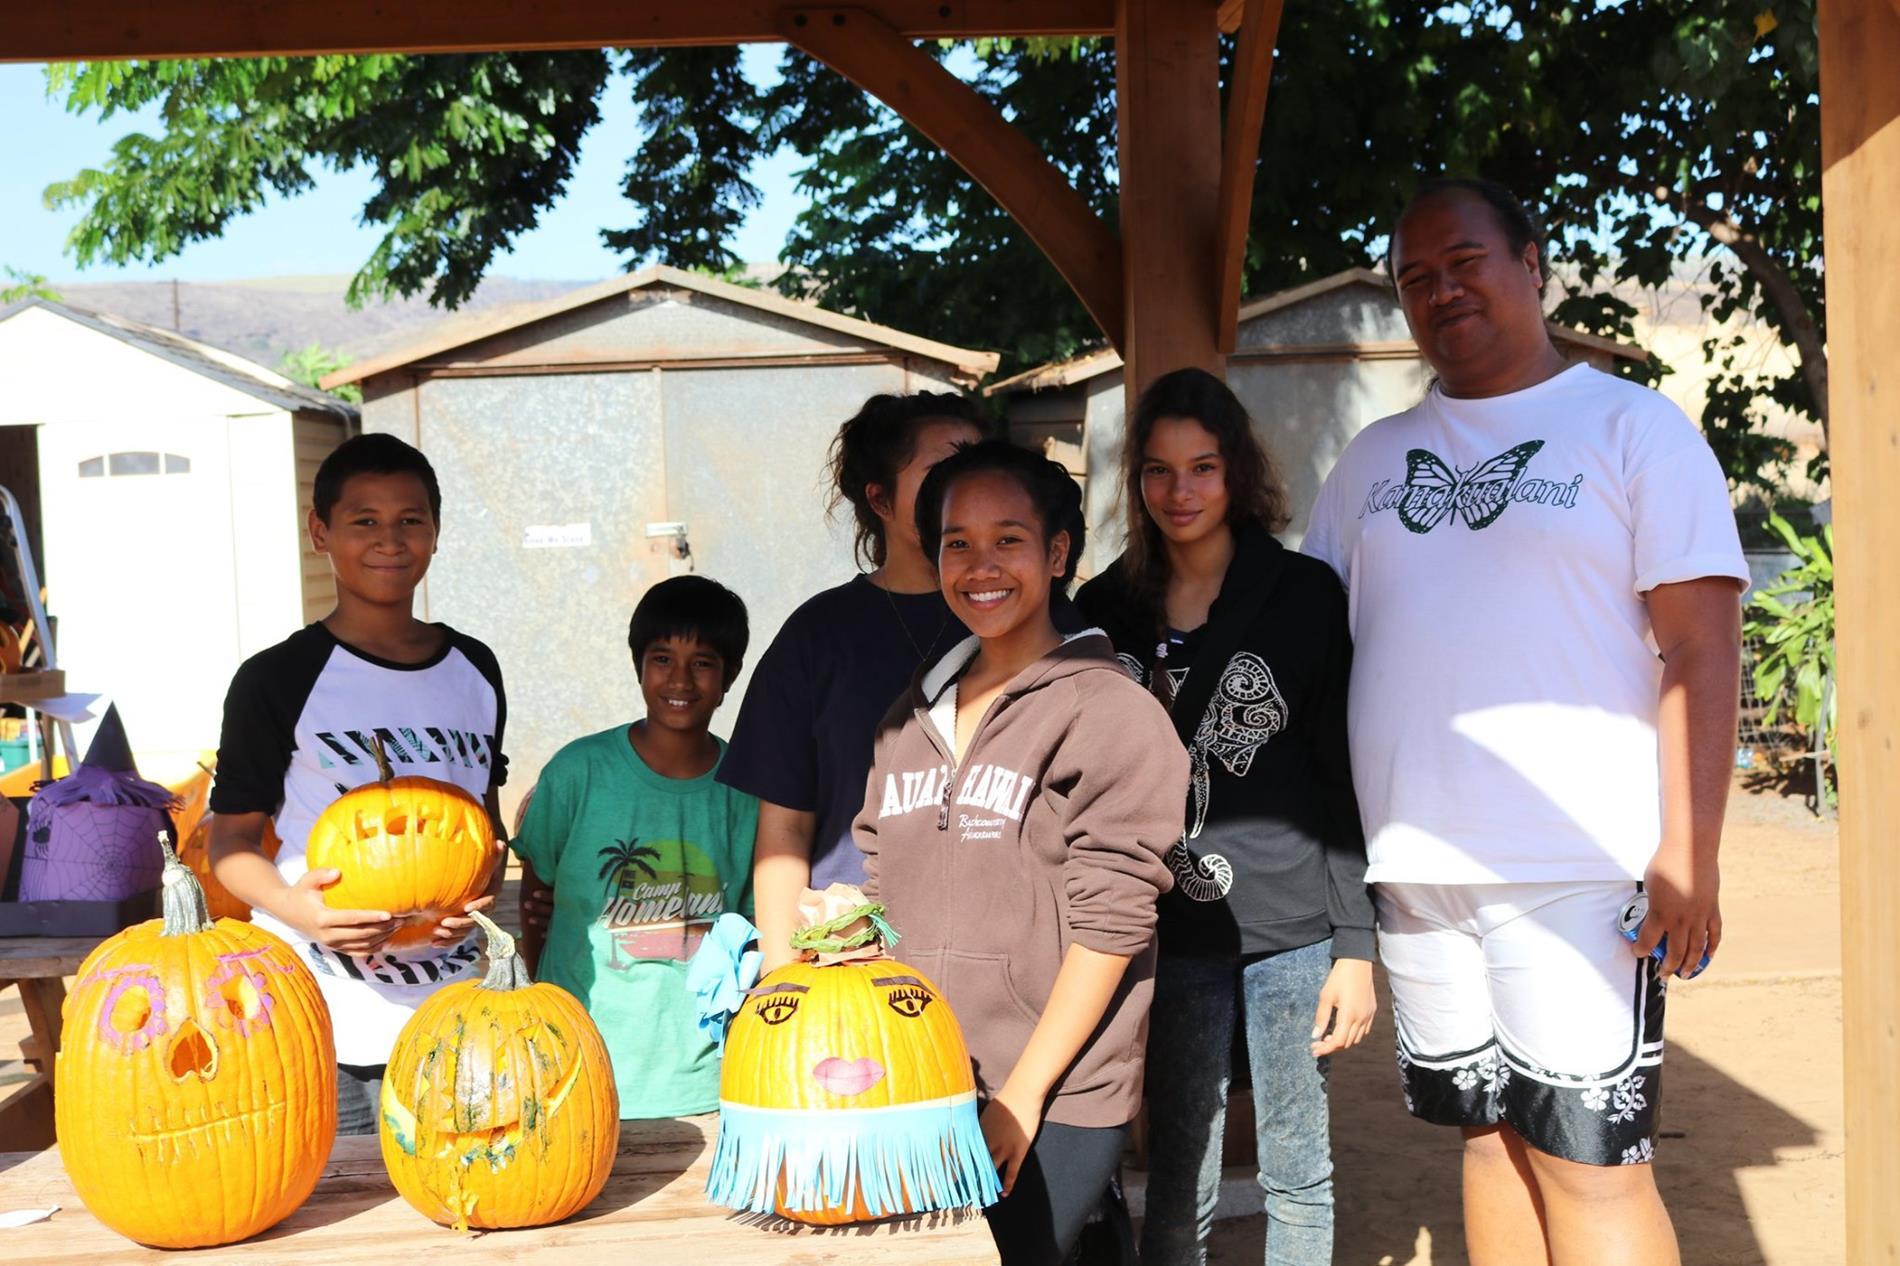 Pumpkin carving winners